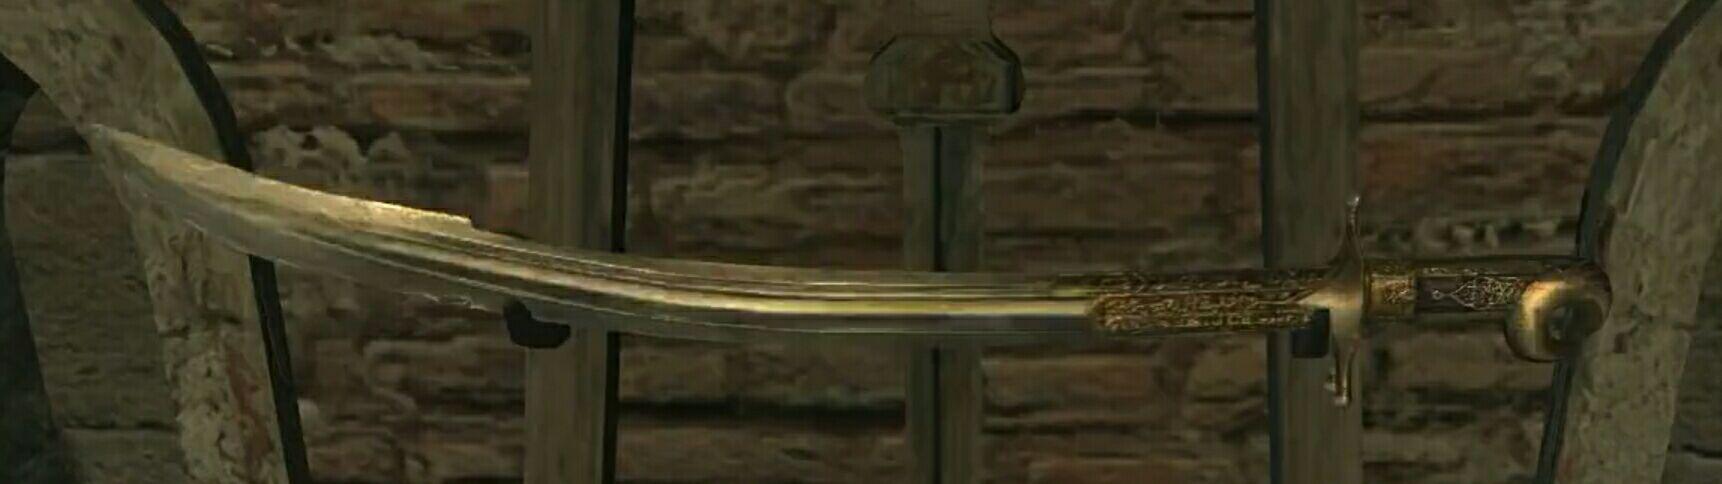 尤瑟夫的土耳其弯刀